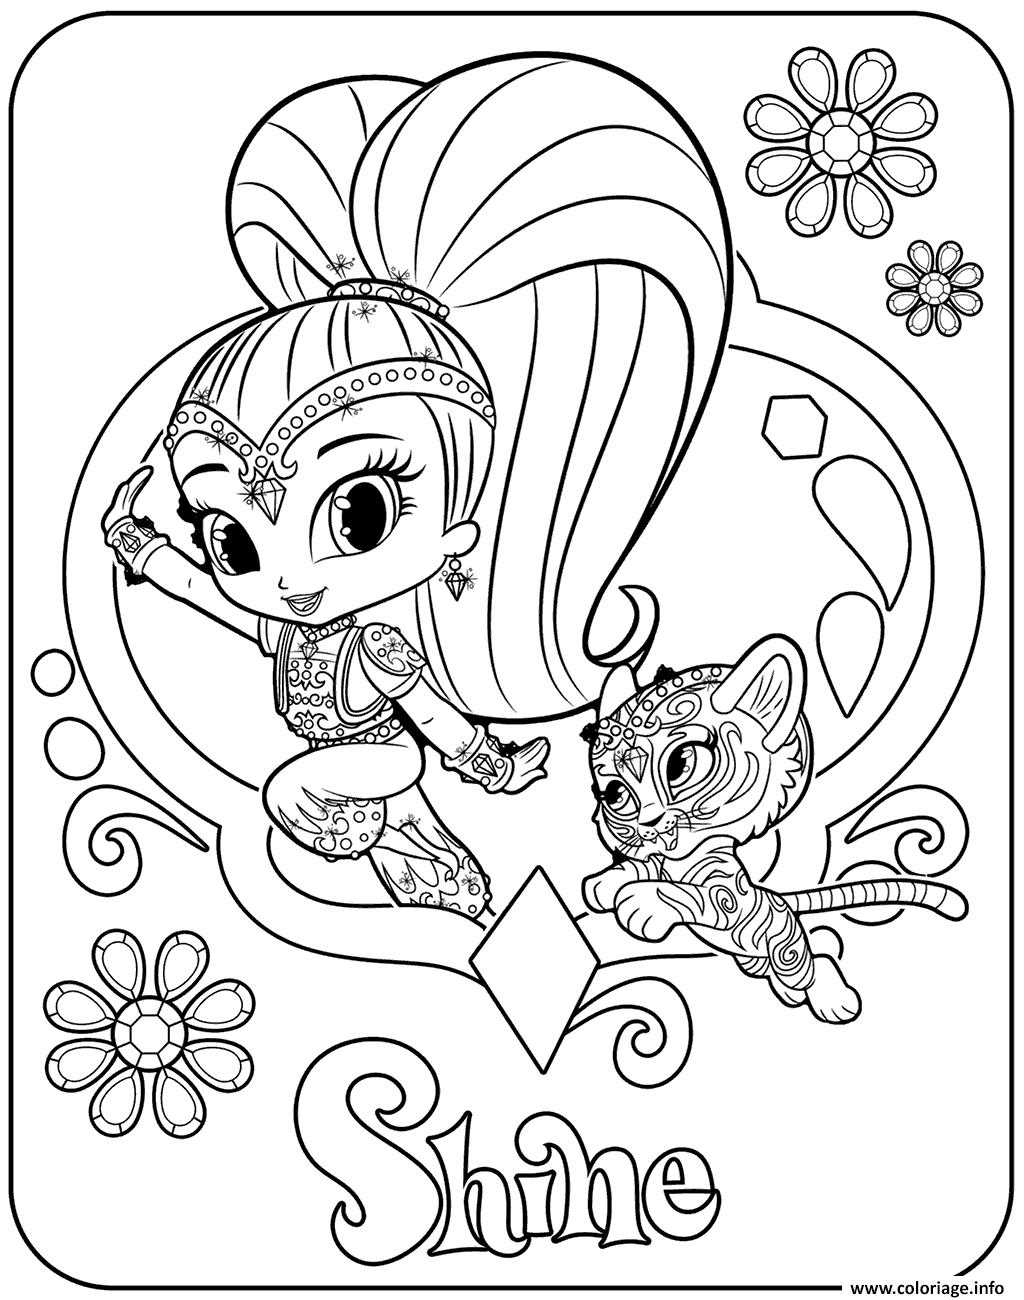 Dessin Sweet Genie Shine and Pet Tiger Coloriage Gratuit à Imprimer